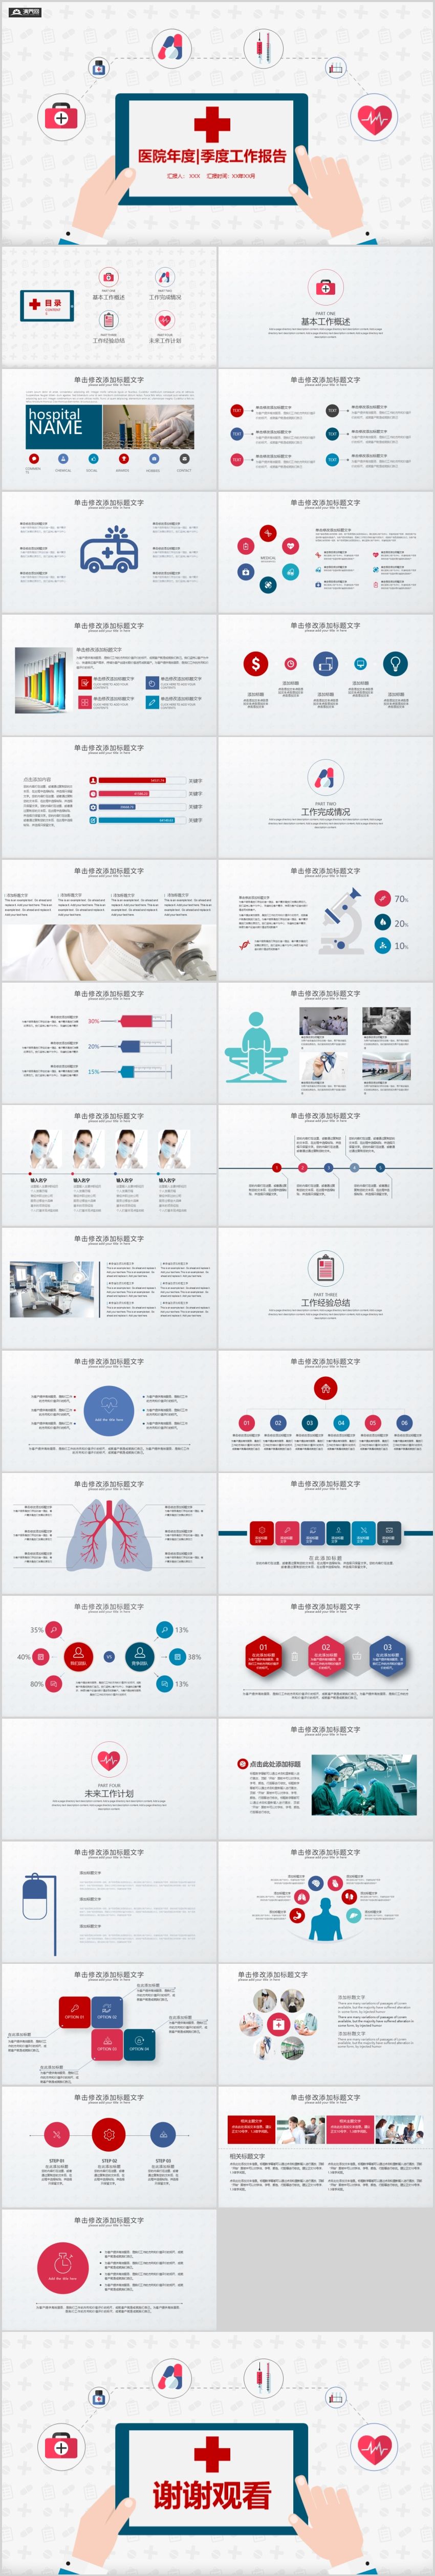 扁平卡通風格醫療工作總結PPT模板